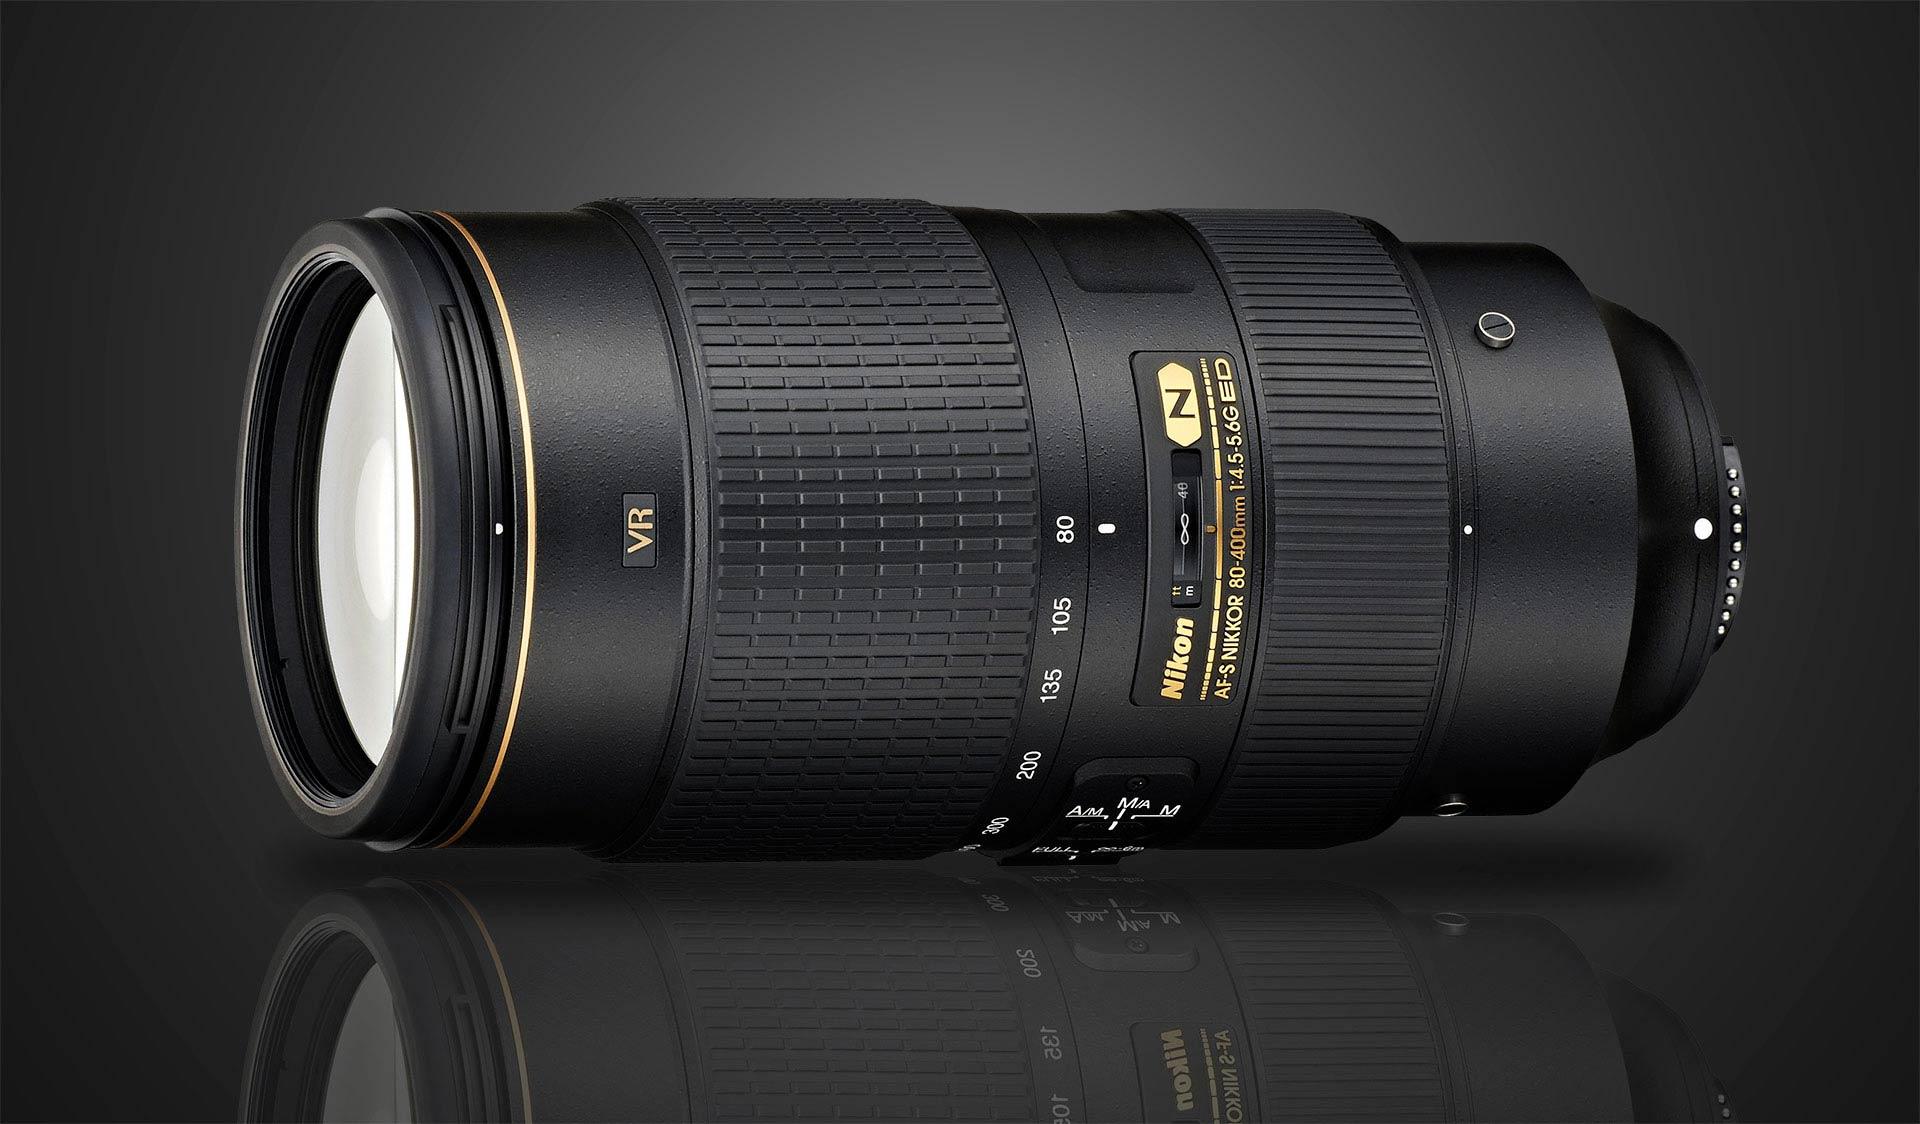 Nikon 80-400 f/4.5-5.6 VR Lens